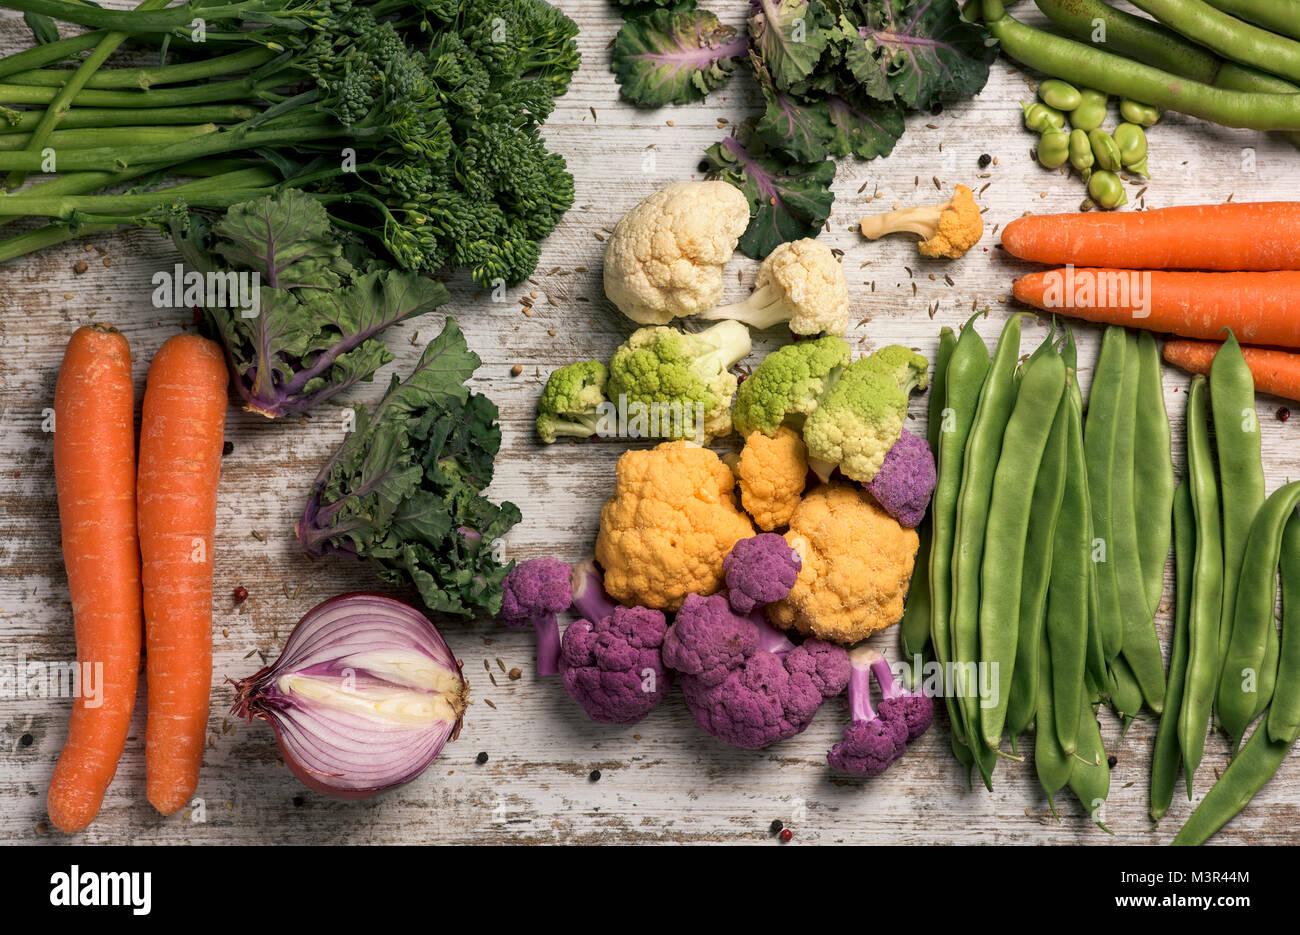 Hohe Aufnahme von einigen verschiedenen rohes Gemüse wie Blumenkohl in verschiedenen Farben, Broccolini, fava Stockbild